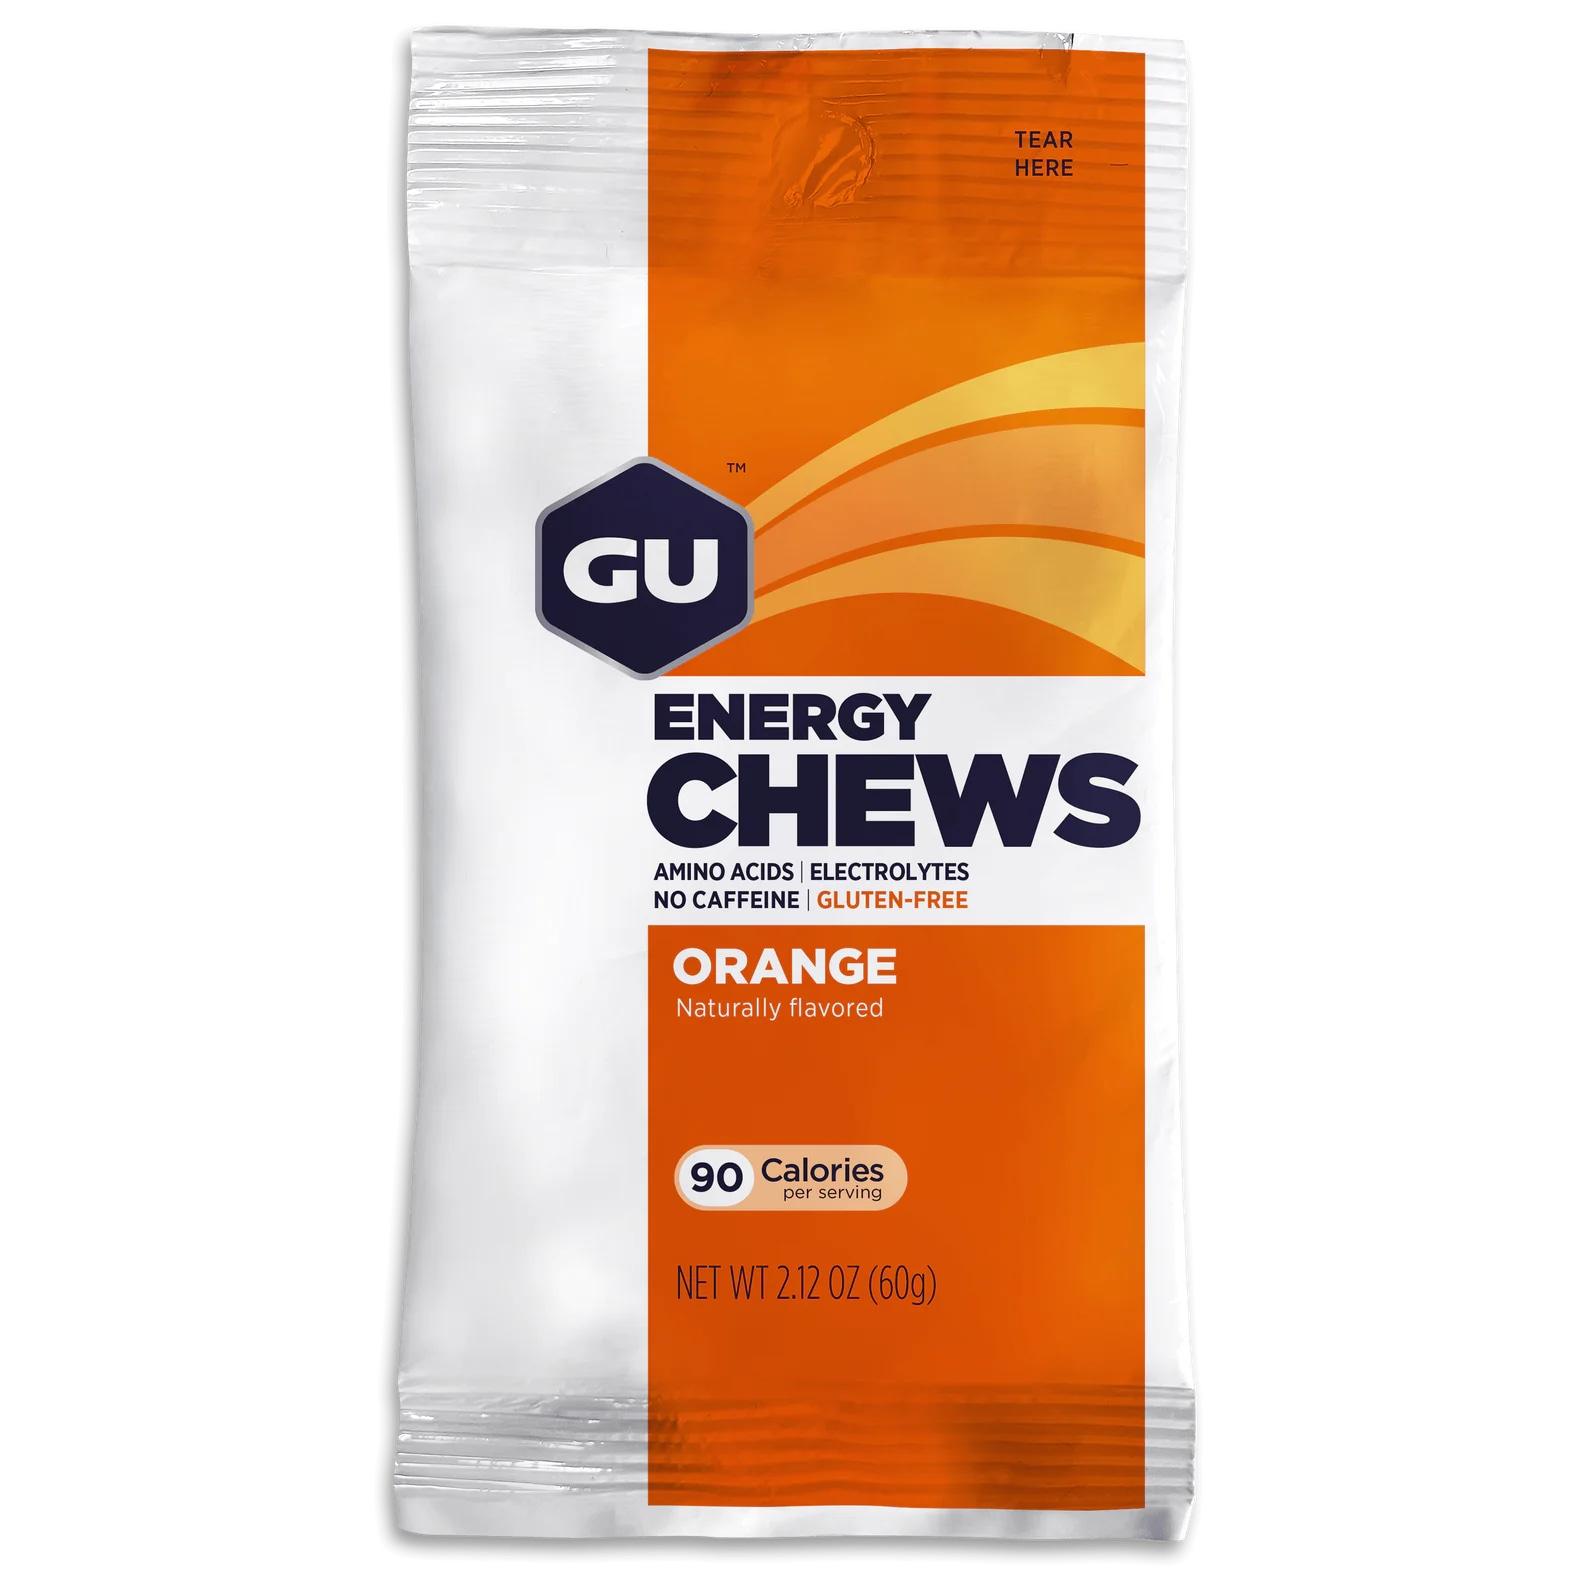 Orange Chews